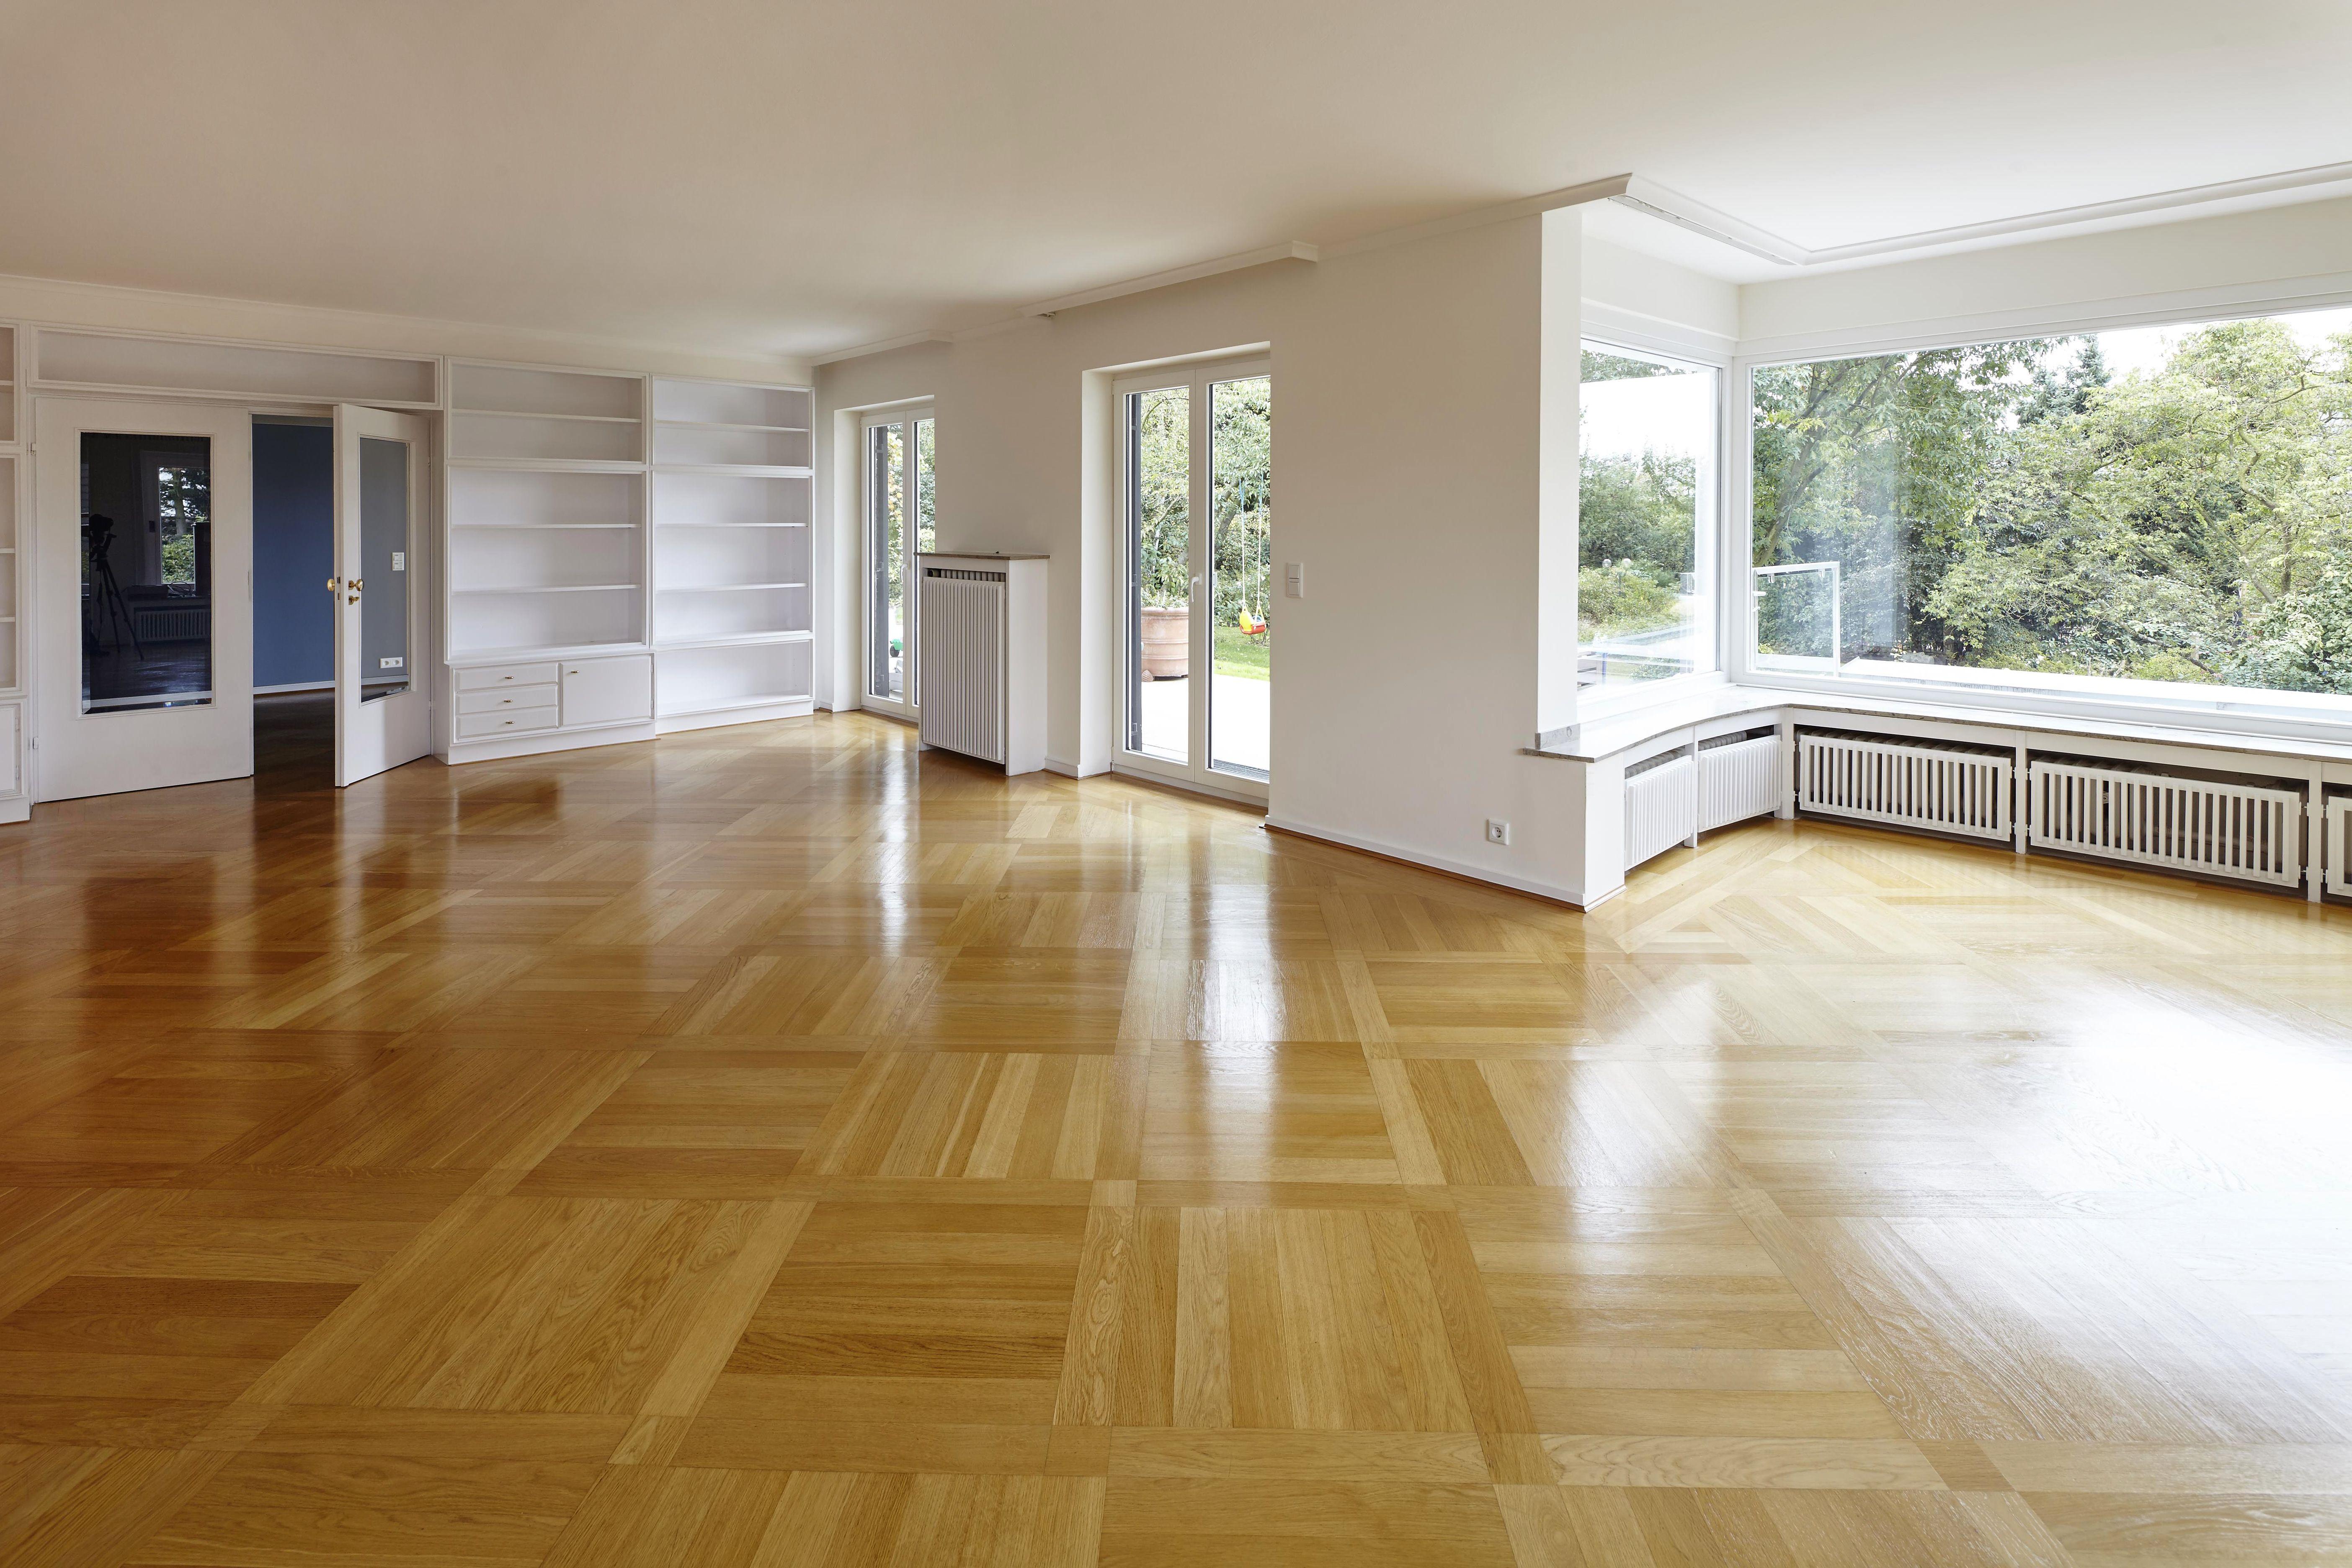 Altbau Modernisieren umgestaltung und modernisierung einer altbauvilla in nrw